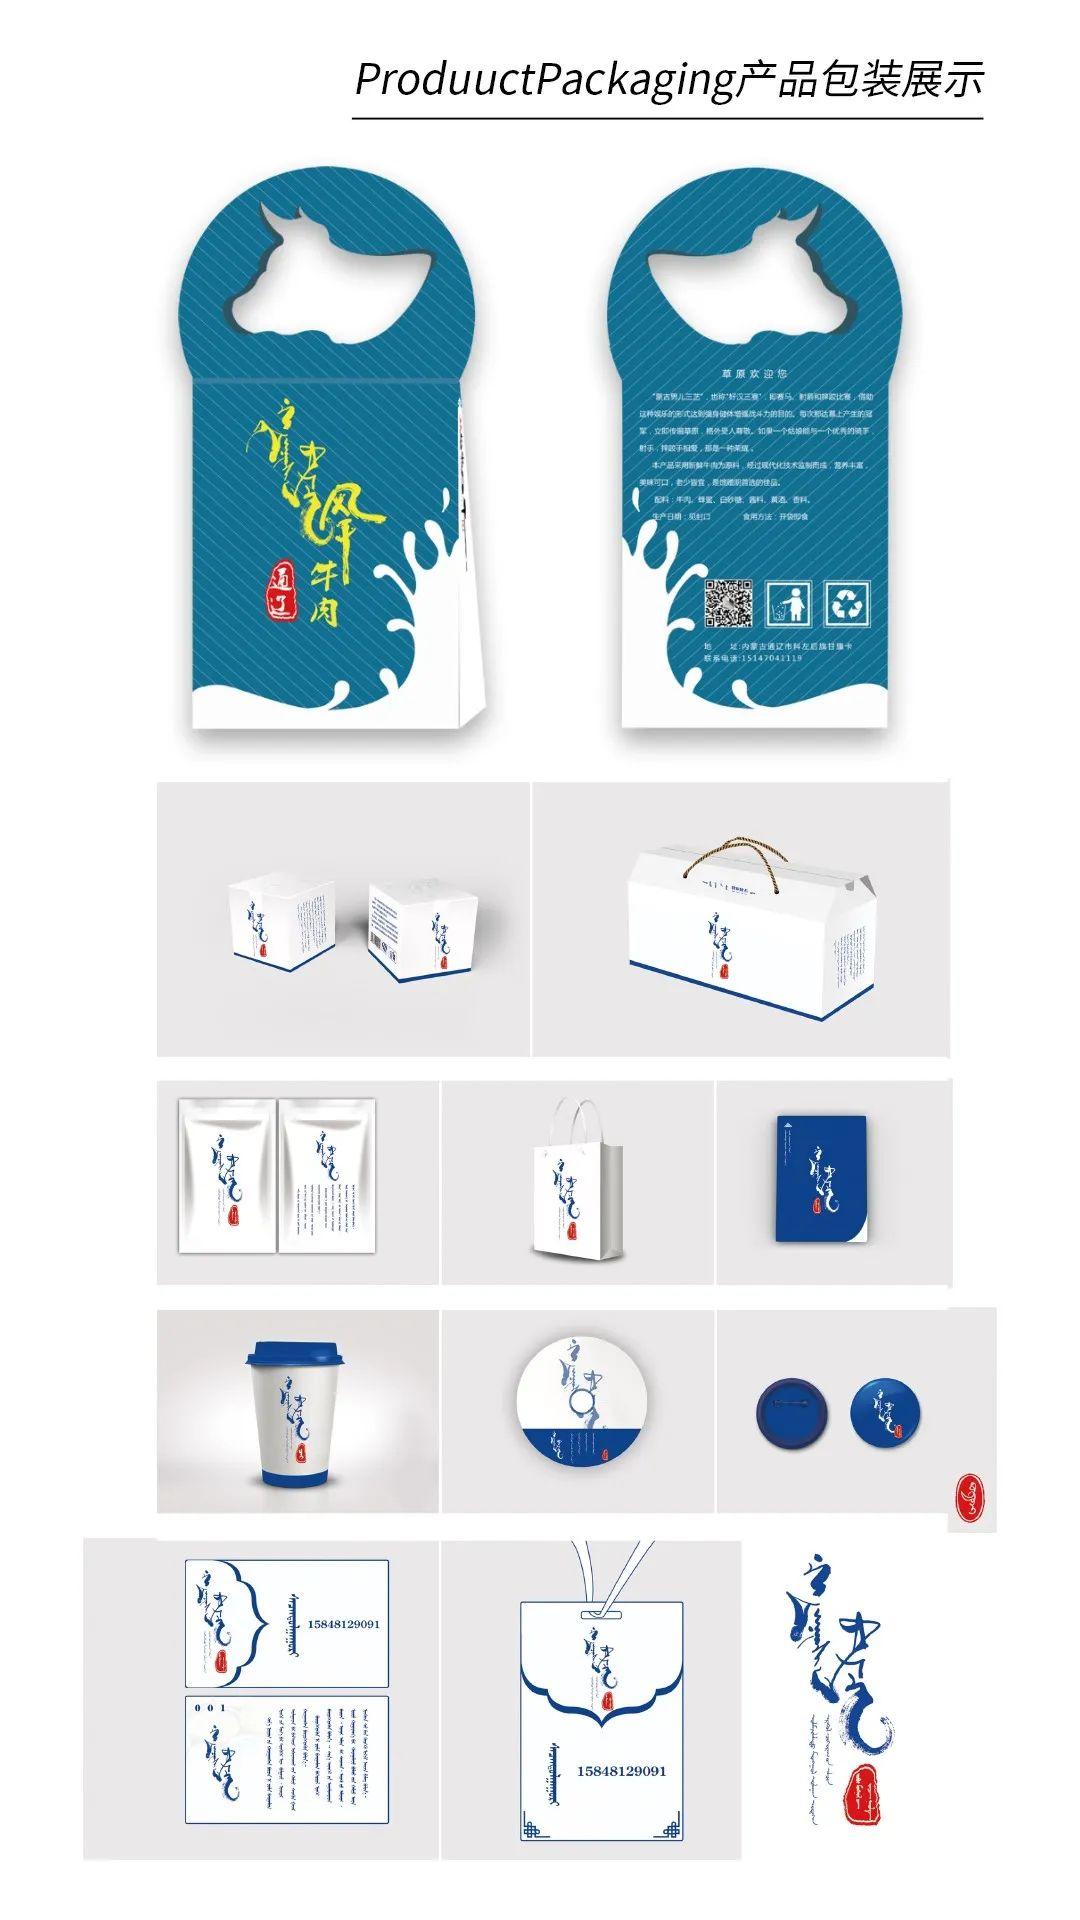 超赞的蒙元素设计-看完马上收藏 #Hotoch-Design#设计案例 第16张 超赞的蒙元素设计-看完马上收藏 #Hotoch-Design#设计案例 蒙古设计